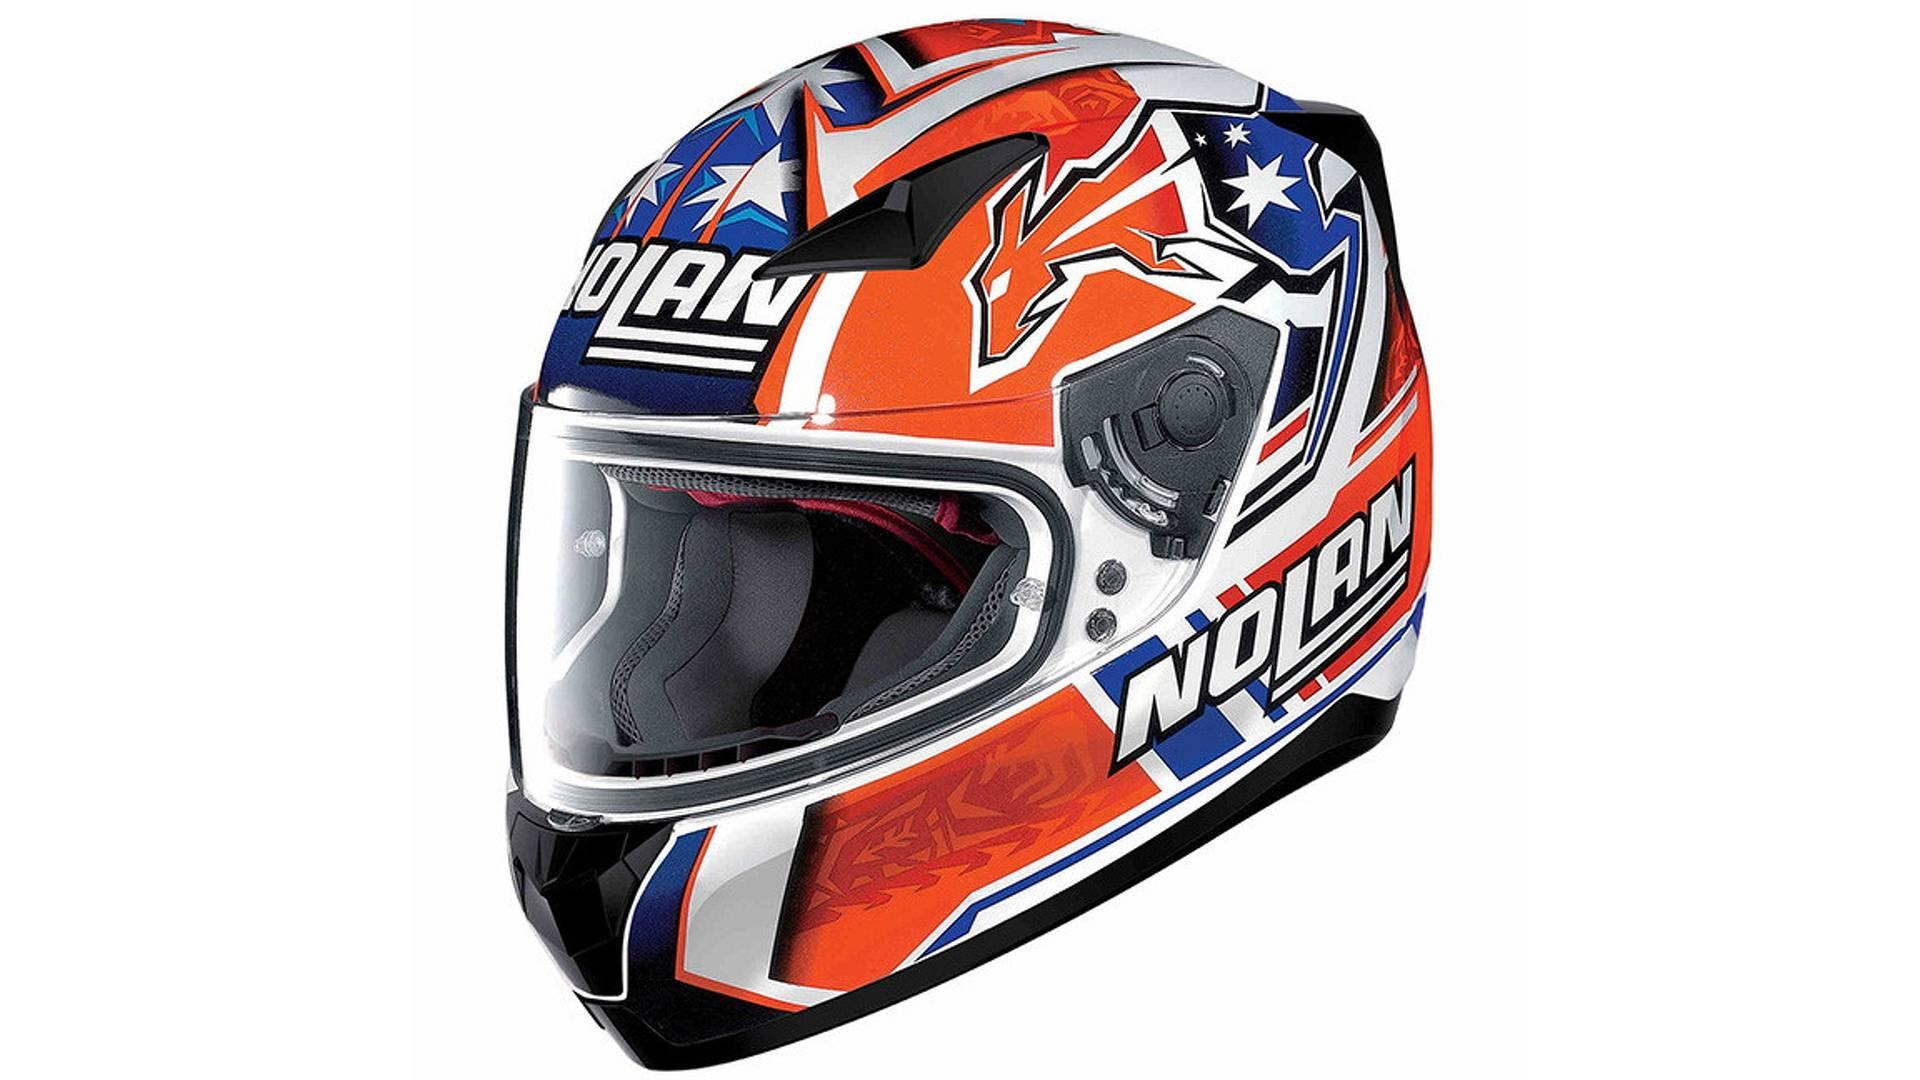 blanco Secreto dos  N60.5, así es el casco de acceso a la gama Nolan